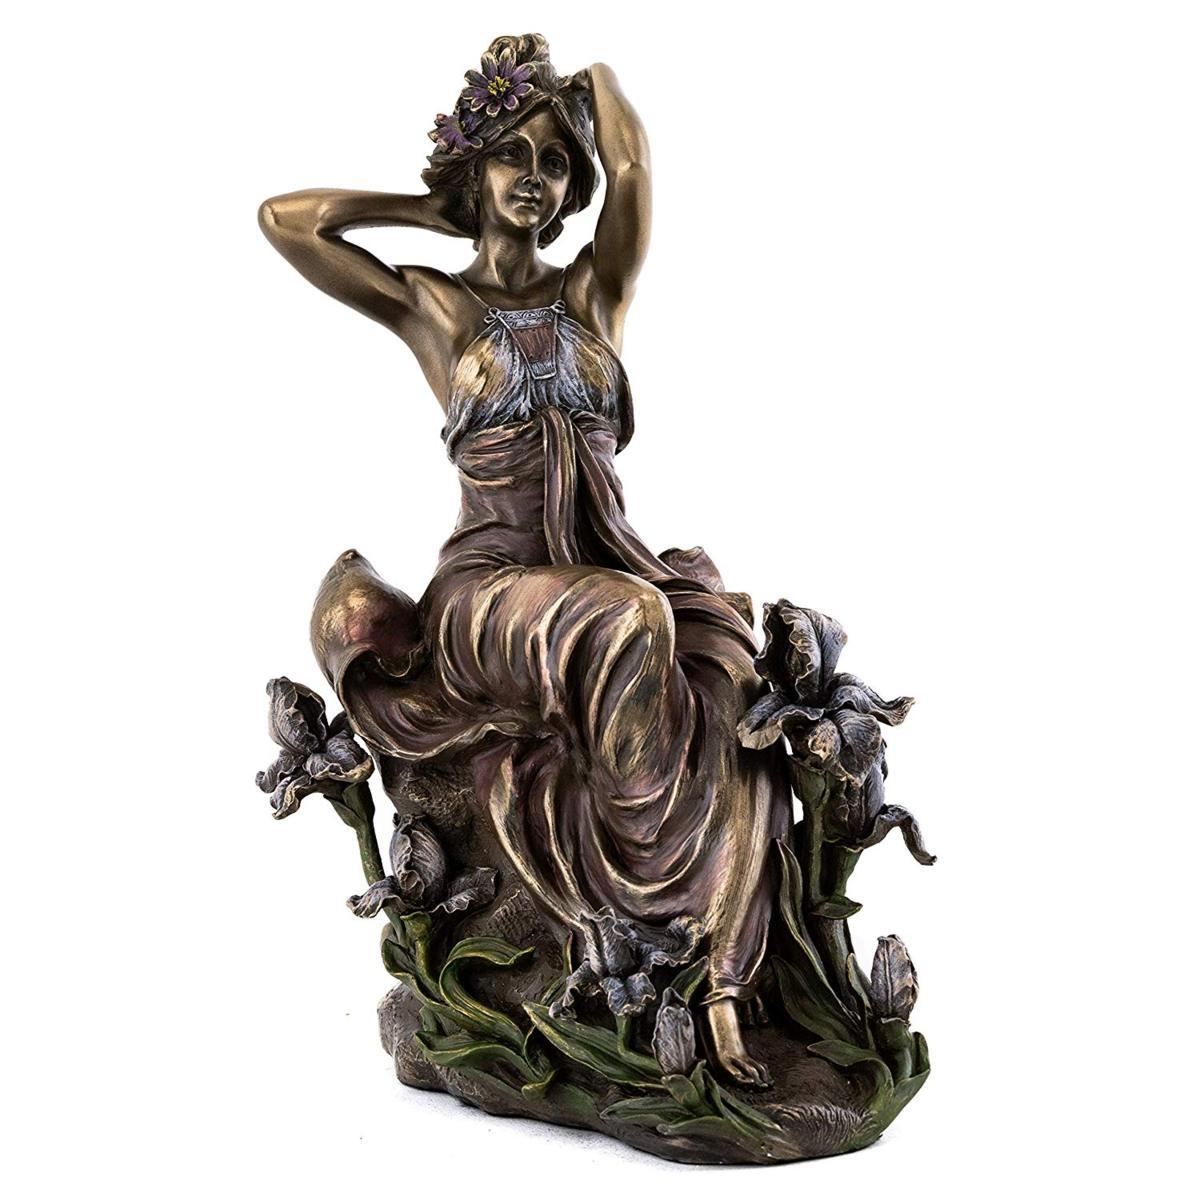 フランス アールヌーボー 夢見る乙女の像-ブロンズ風 美しい花の女性 彫刻-アルフォンス・ミュシャ作 彫像(輸入品)